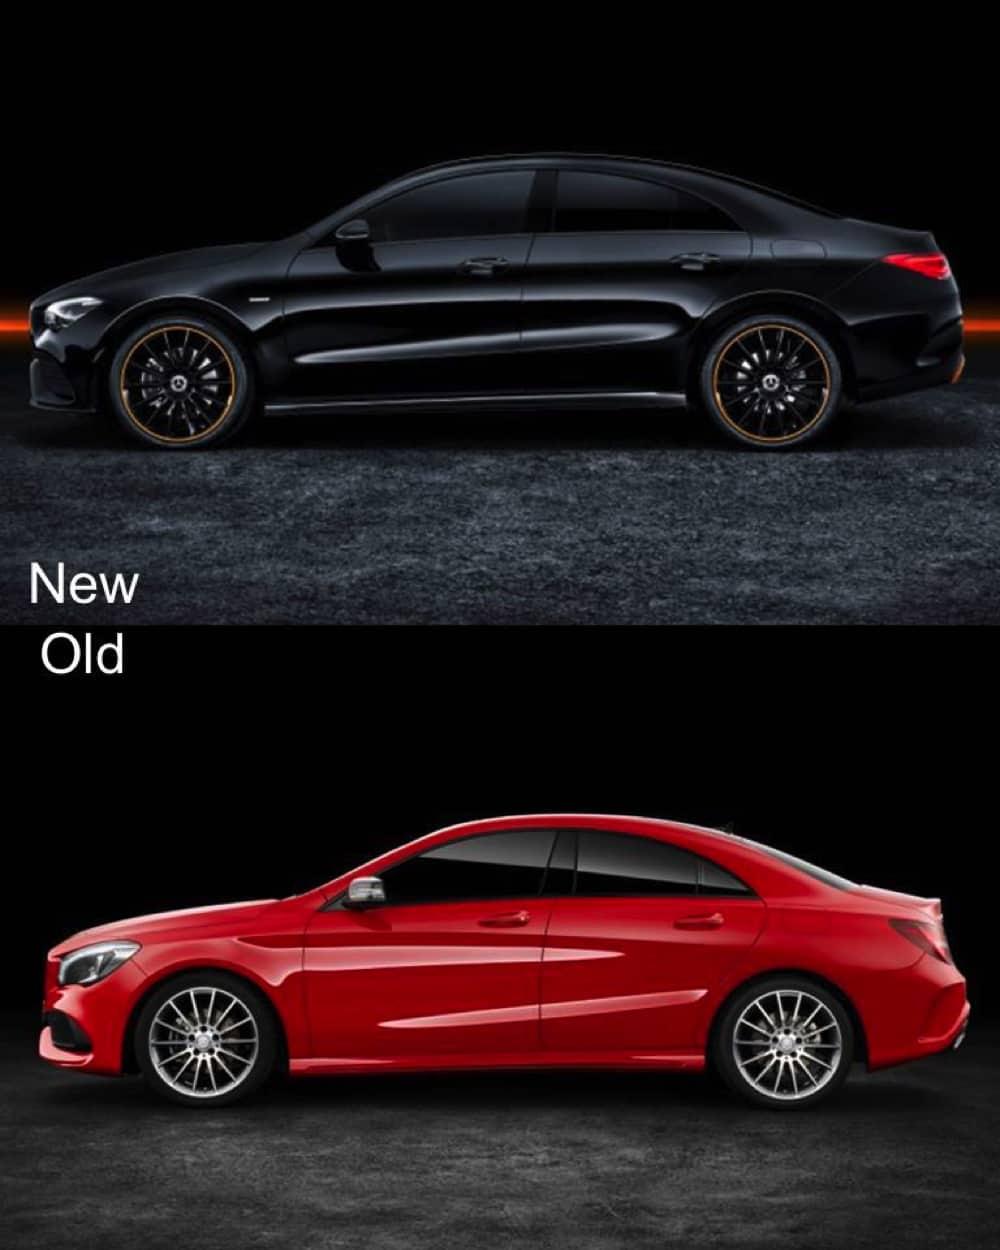 大马下半年上市?抢先了解 2019 Mercedes-Benz CLA 大改款前后的差别